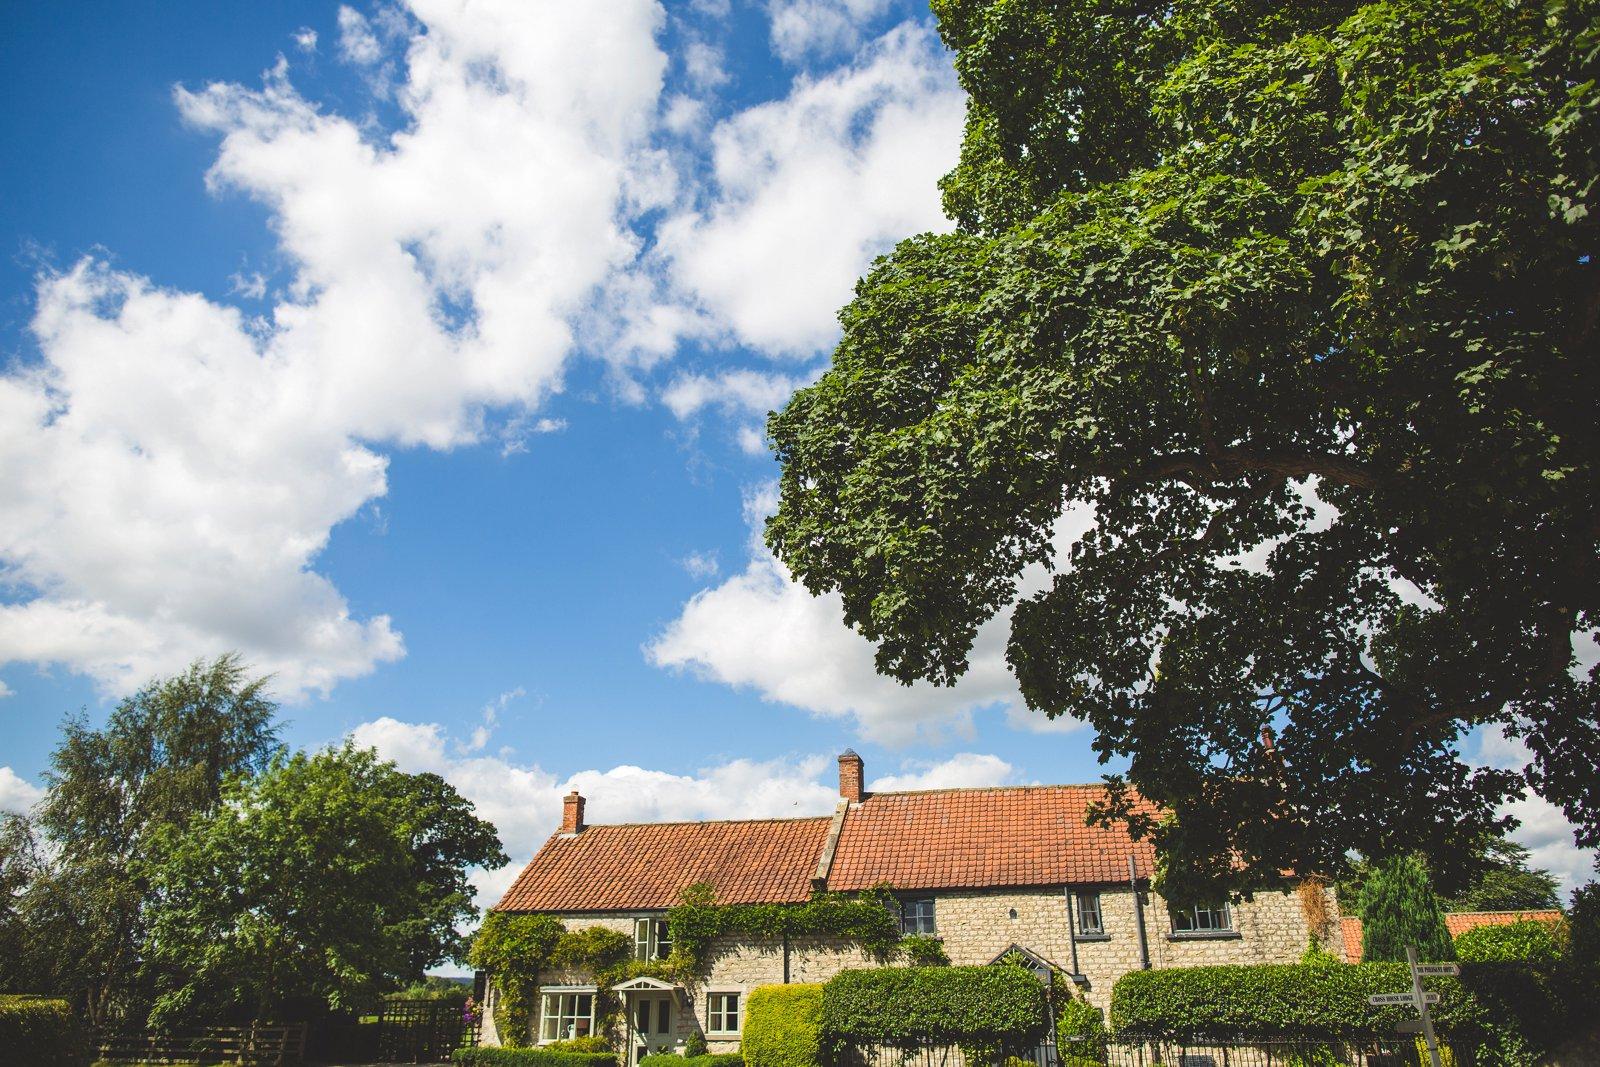 North Yorkshire wedding venue